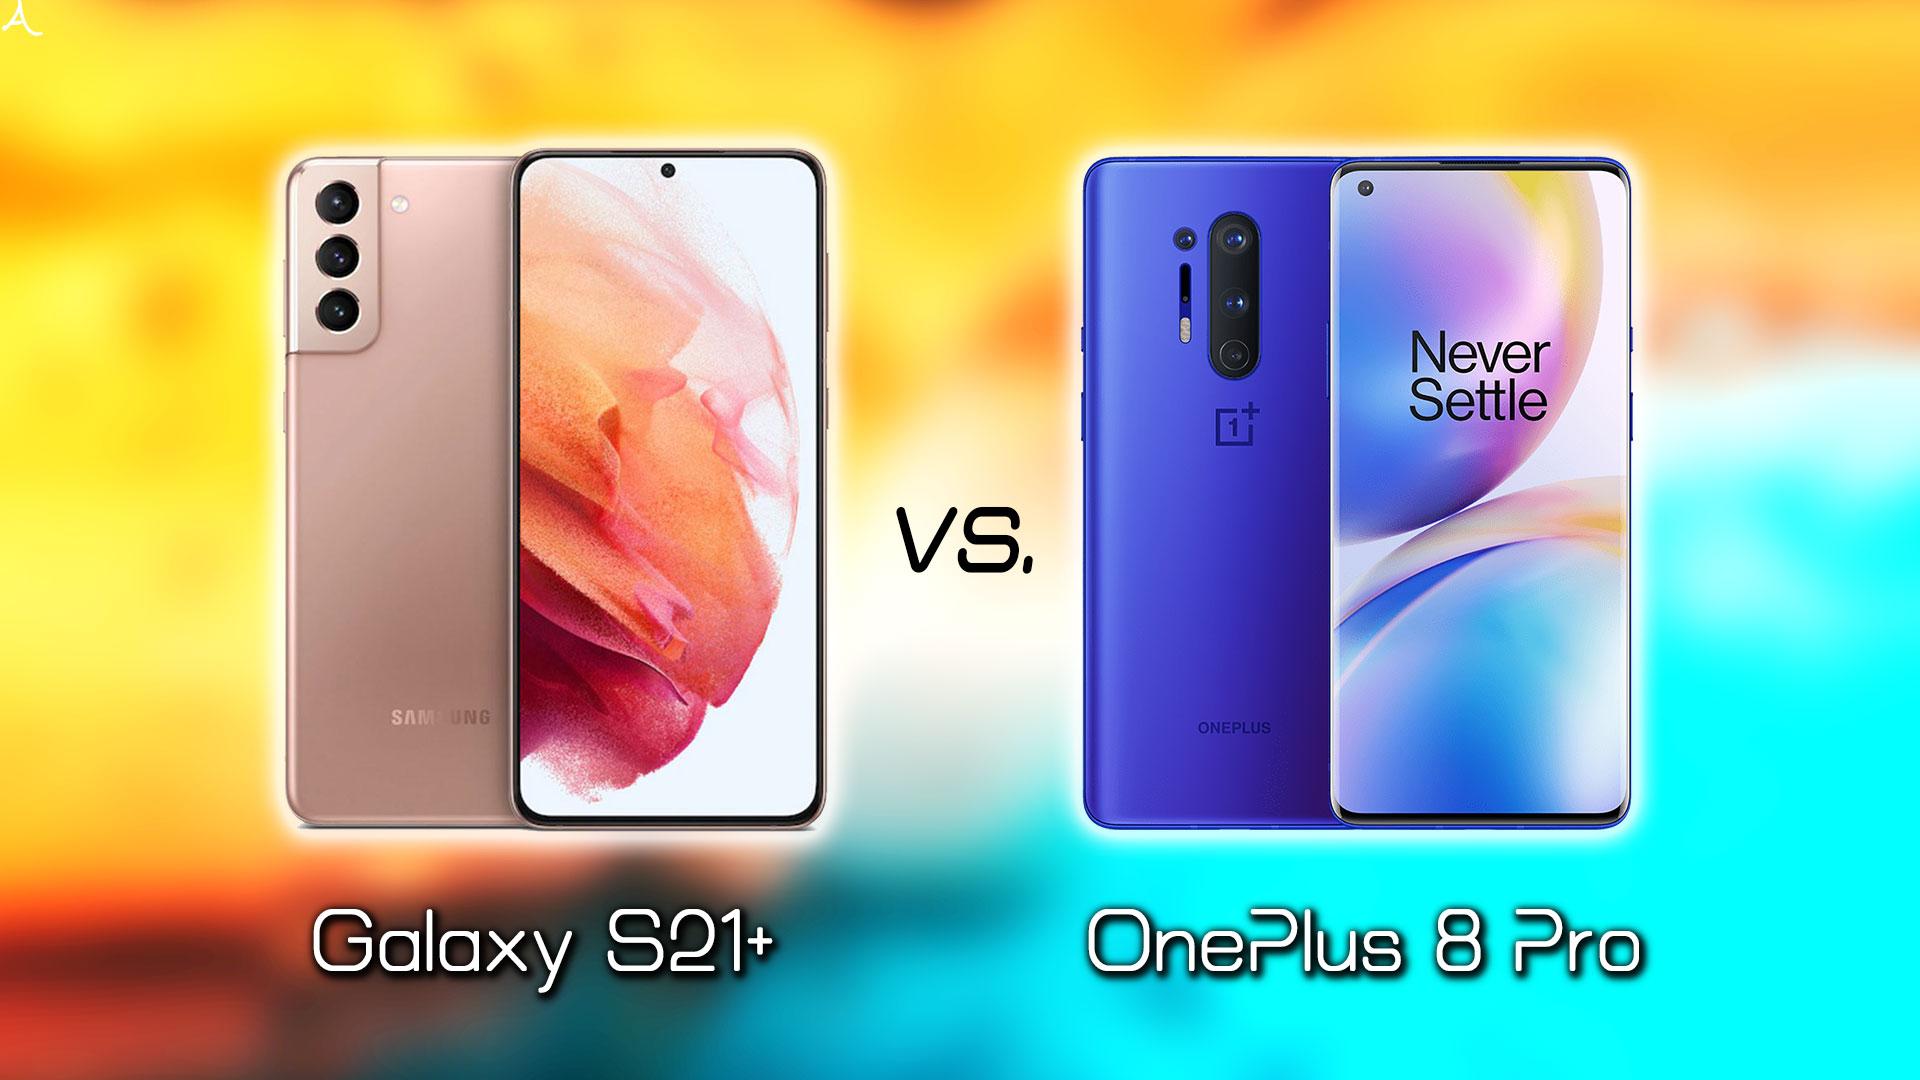 「Galaxy S21+(プラス)」と「OnePlus 8 Pro」の違いを比較:どっちを買う?